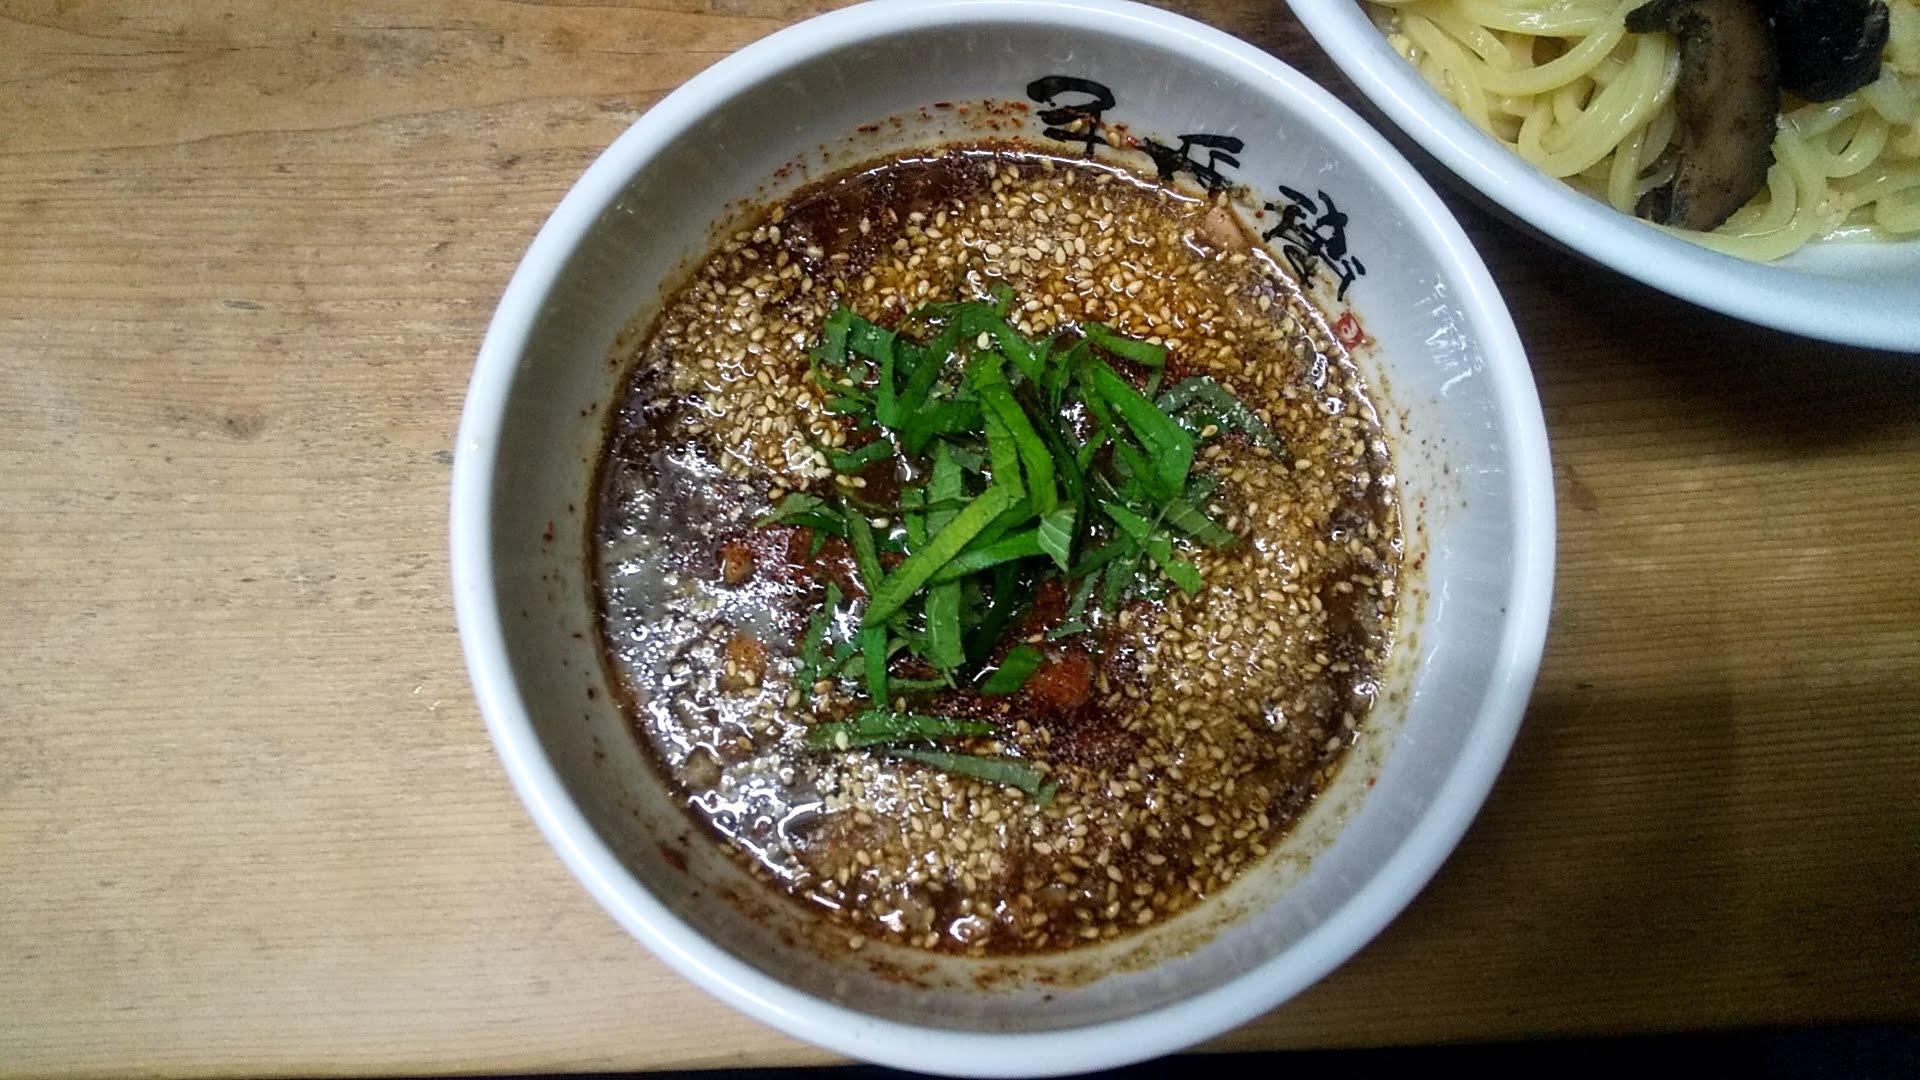 つけ麺千兵衛のゴマしそつけ麺のつけ汁の写真